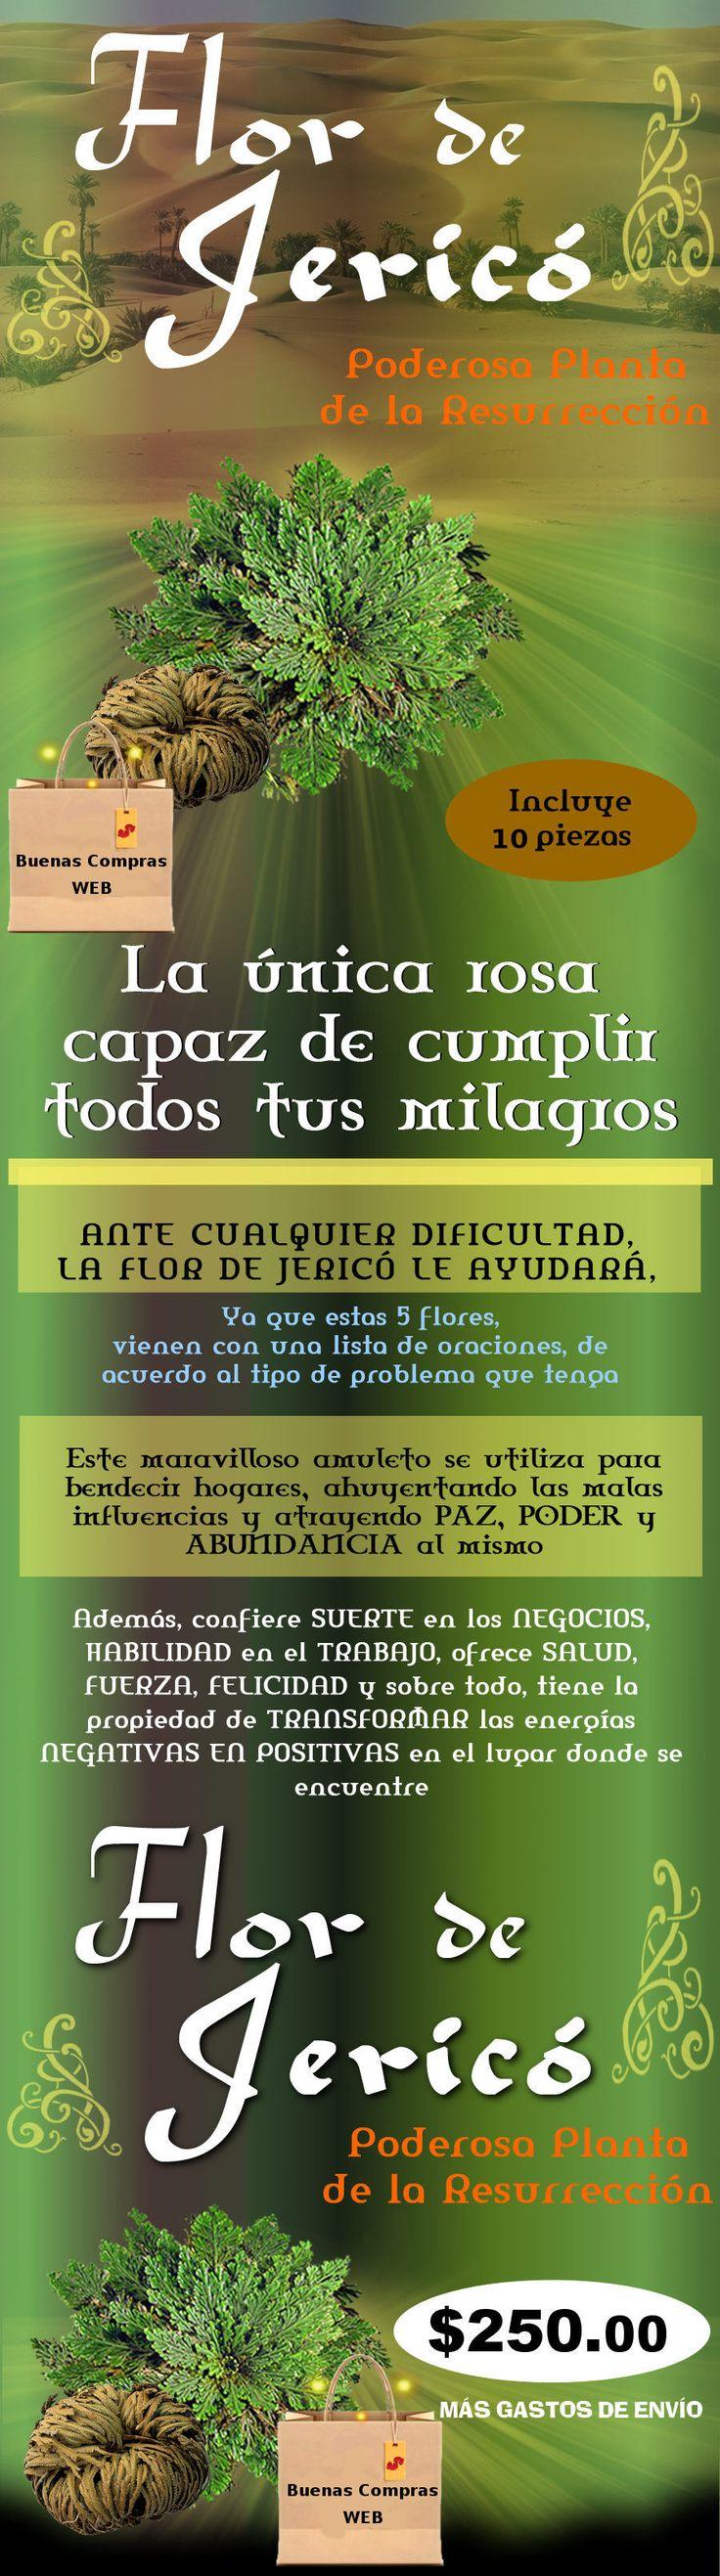 Autentica Rosa de Jerico - 12 piezas 250.00 en mercado libre